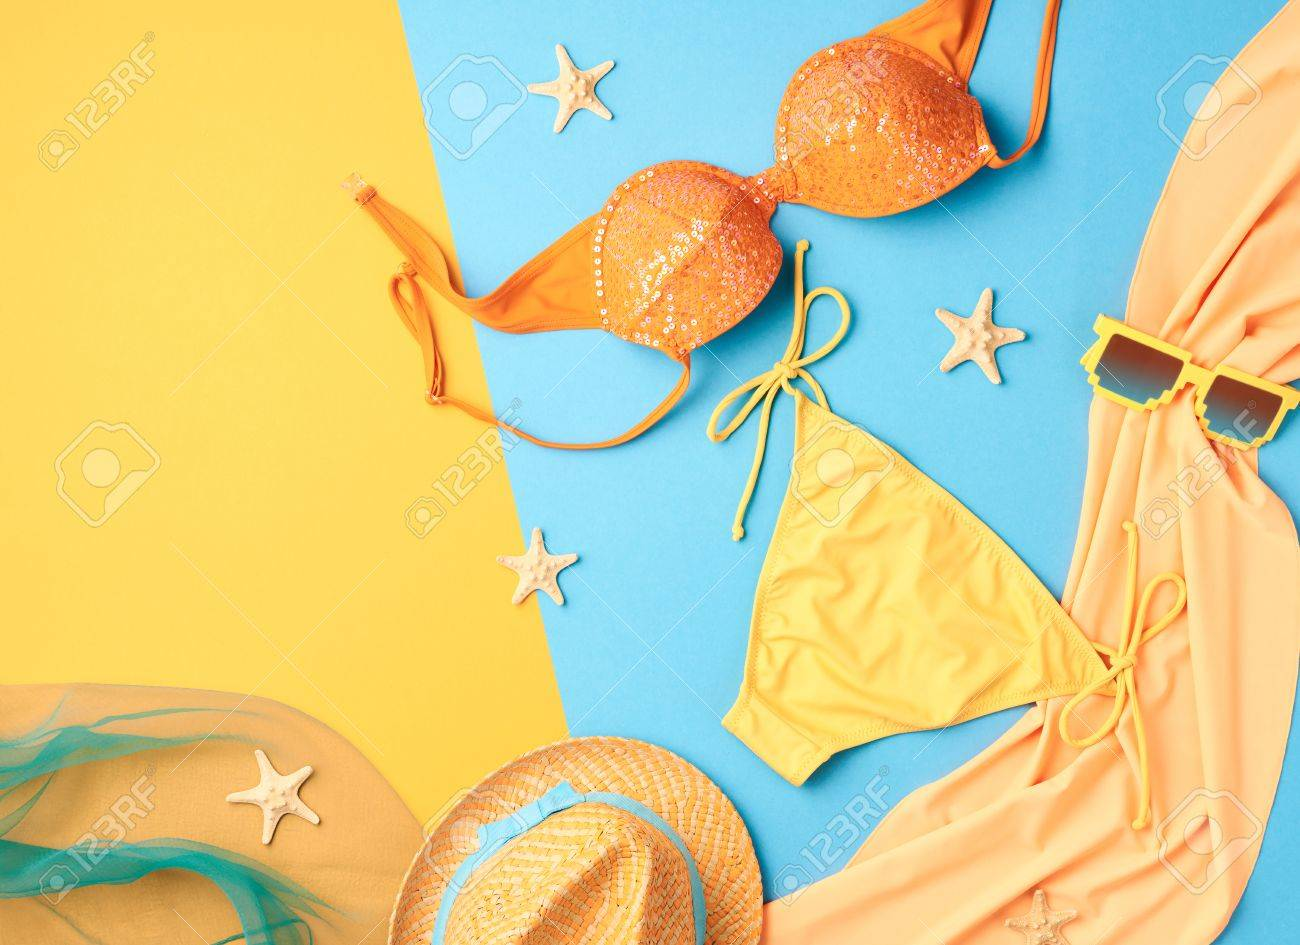 ab45826e1 Diseño De Moda. Playa Vestimenta. Moda Del Traje De Baño Bikini